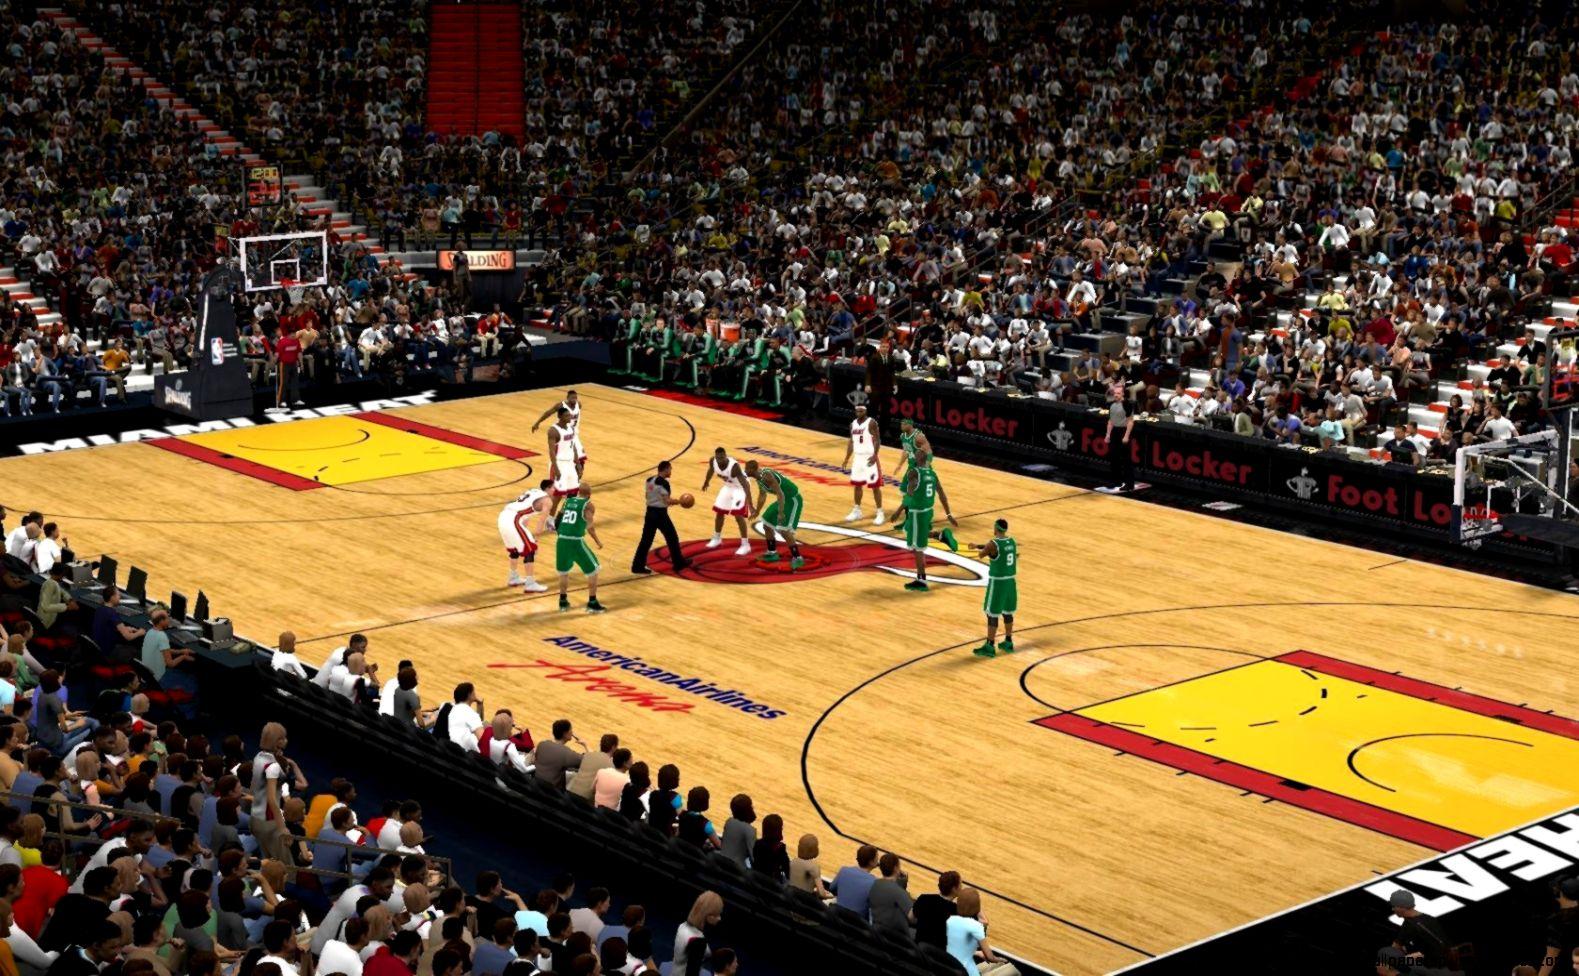 Nba 2k10 Michael Jordan